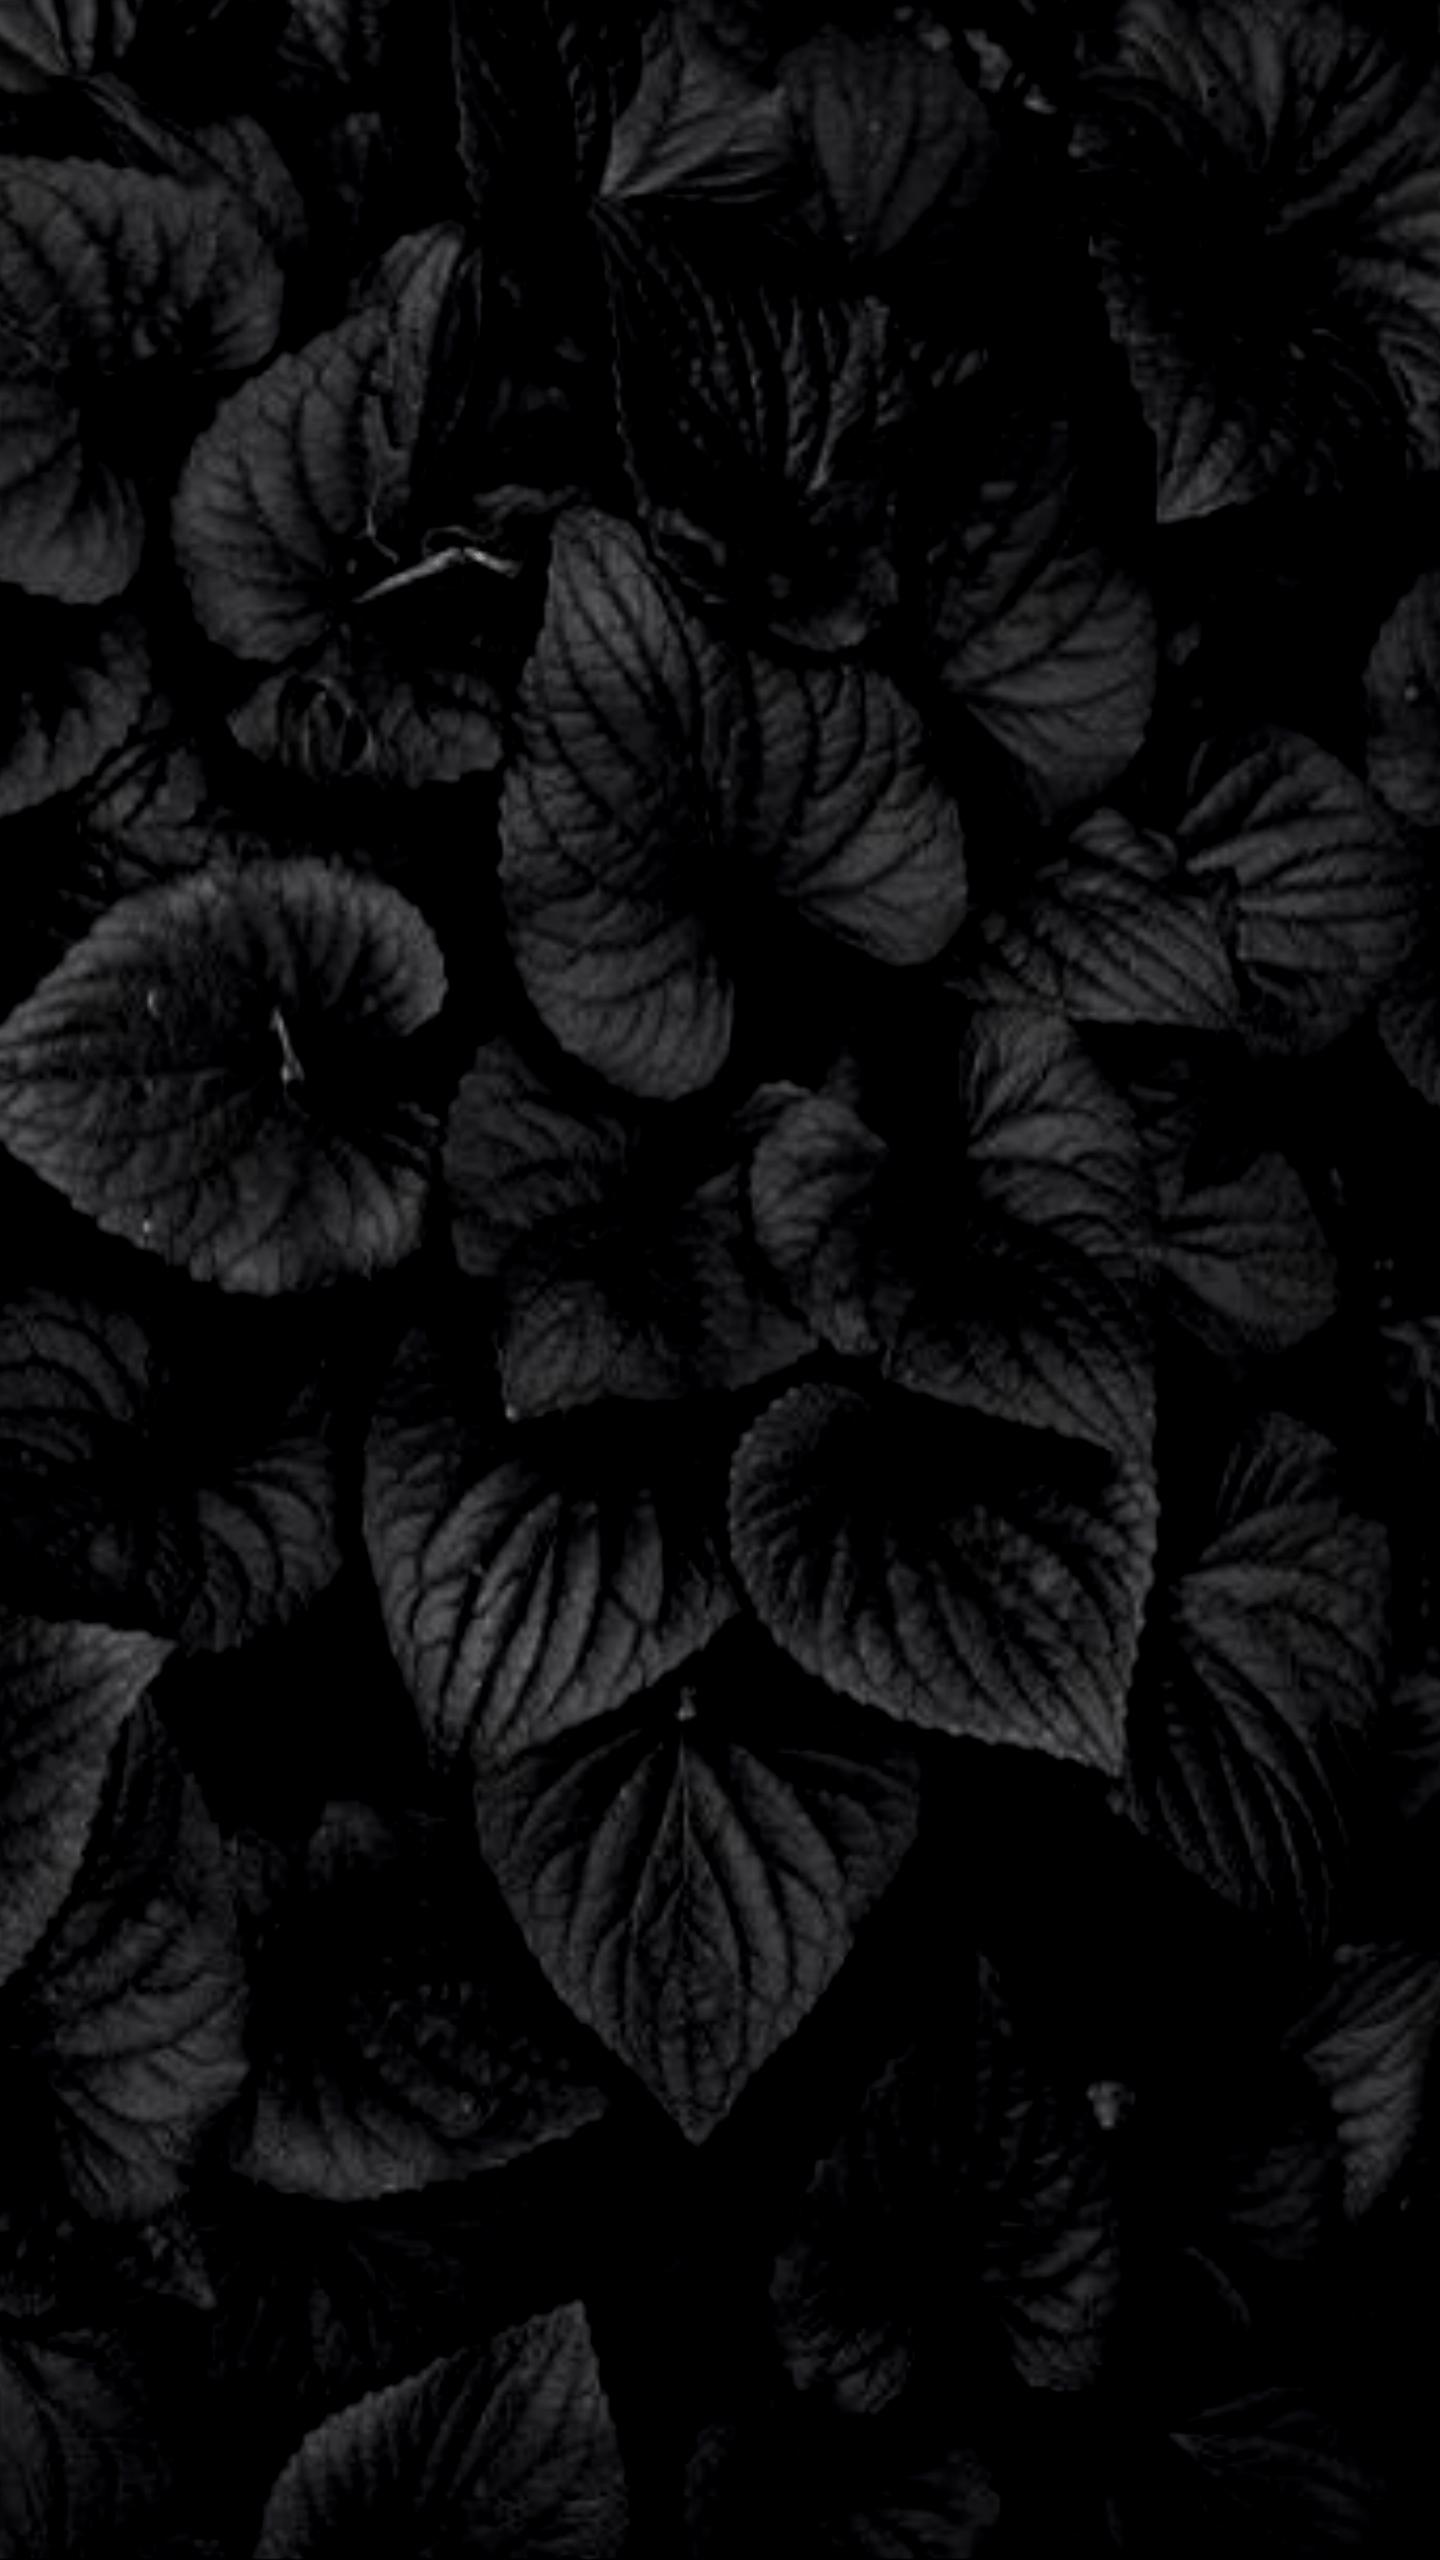 Dark 4k Wallpaper Posted By Christopher Peltier